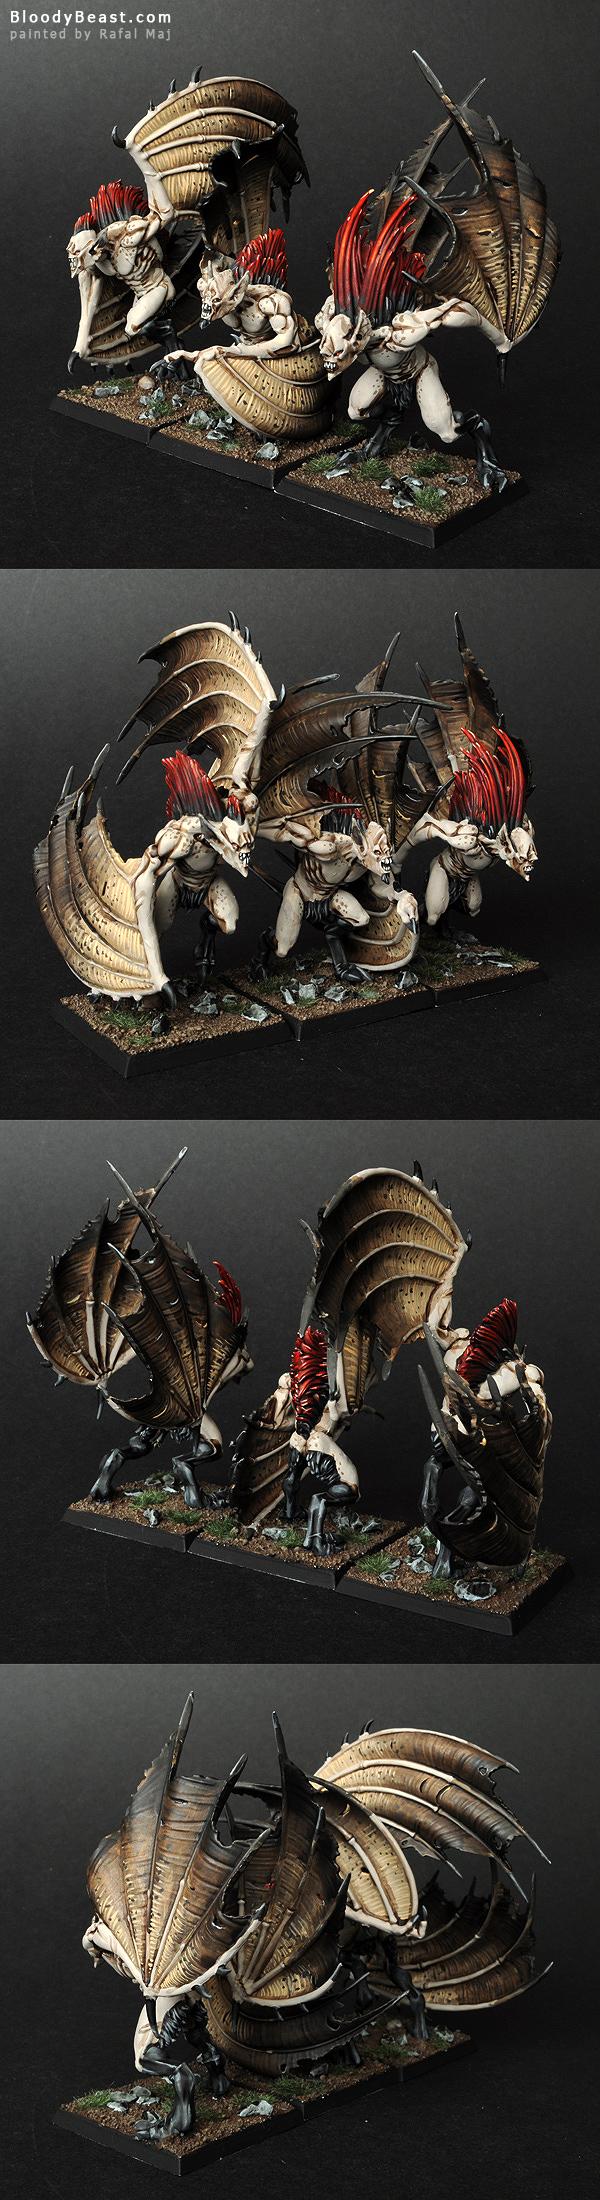 Vampire Counts Vargheists painted by Rafal Maj (BloodyBeast.com)